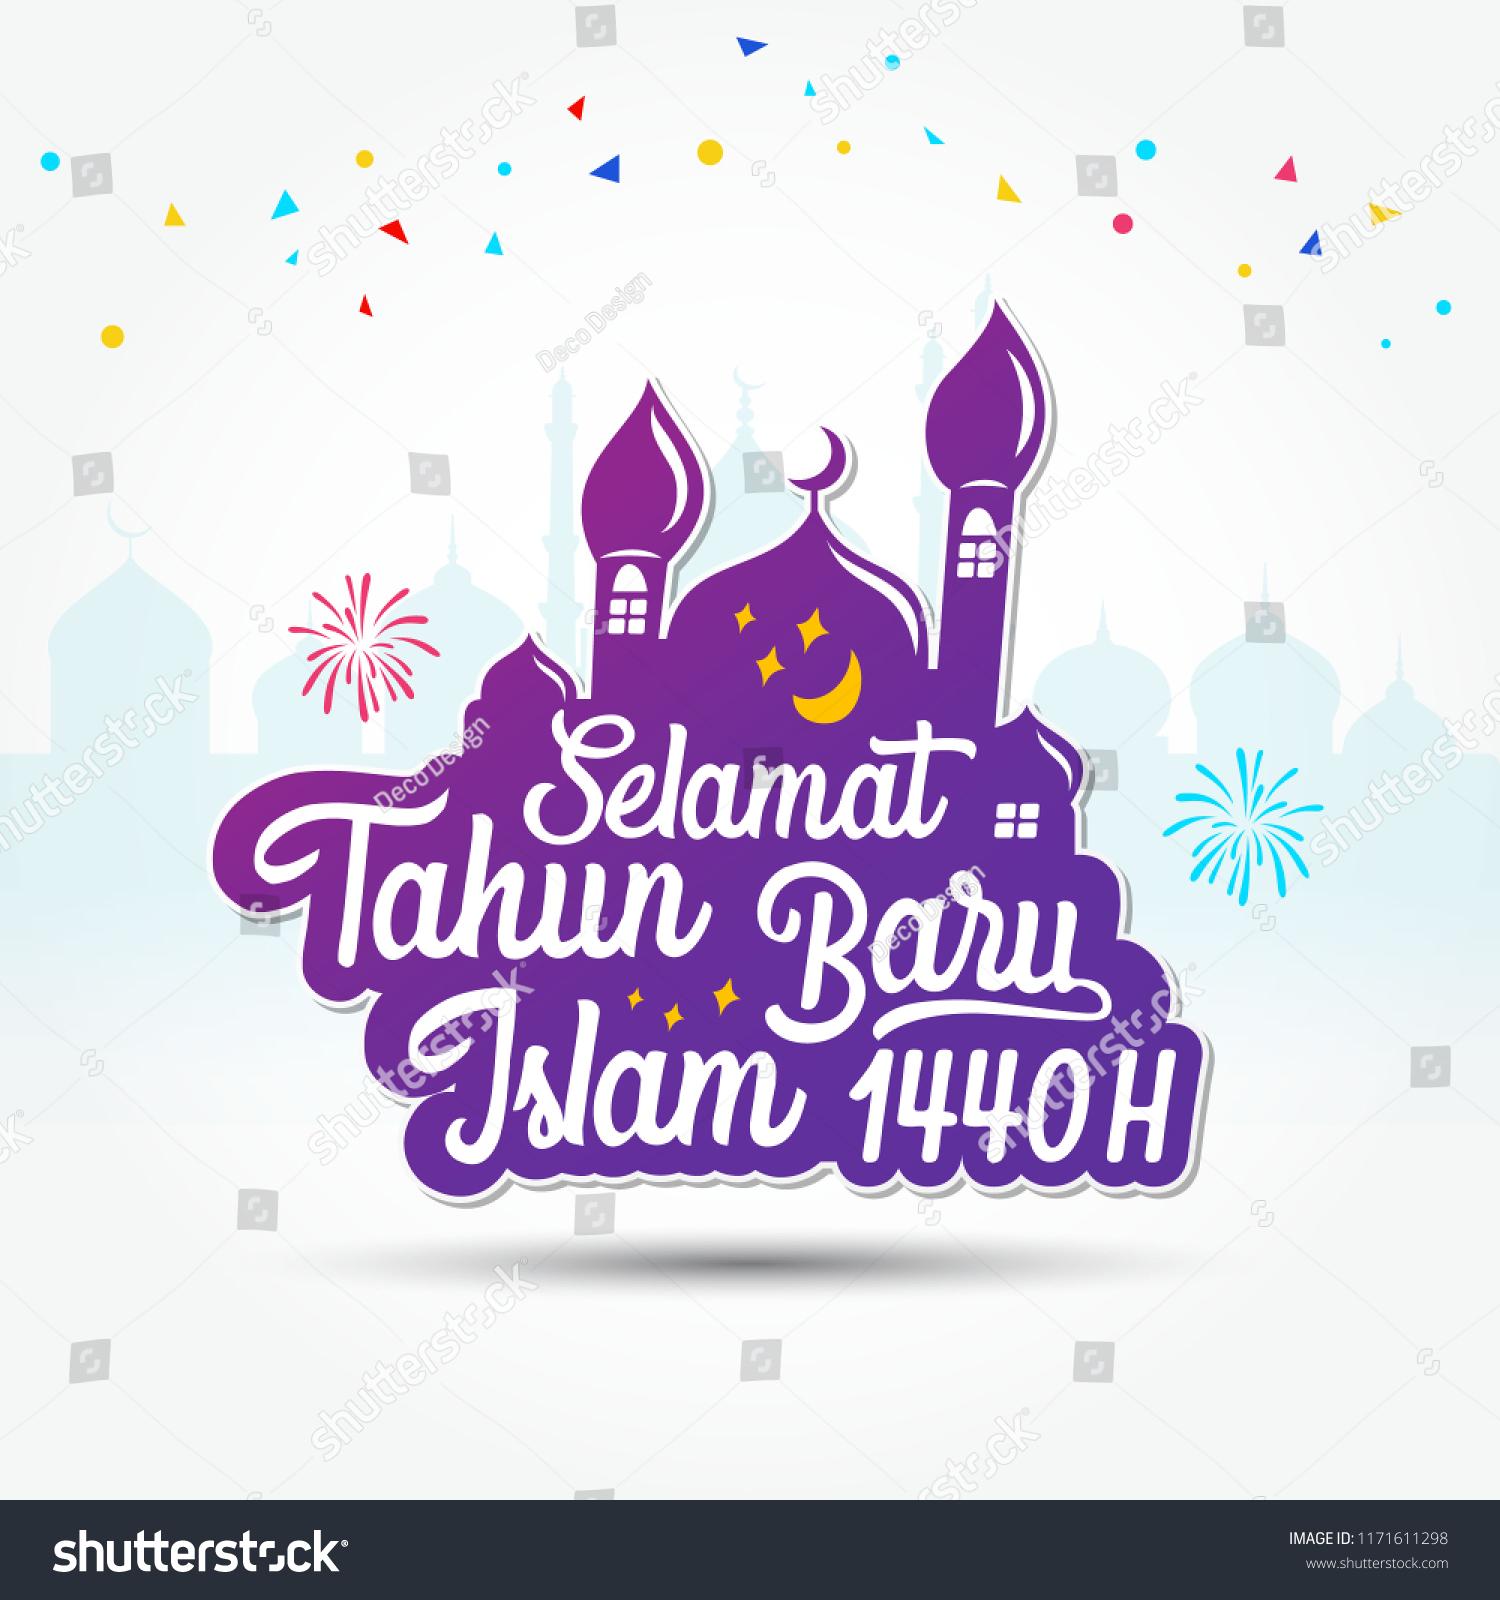 Gambar Kaligrafi Tahun Baru Islam 2019 Cikimm Com